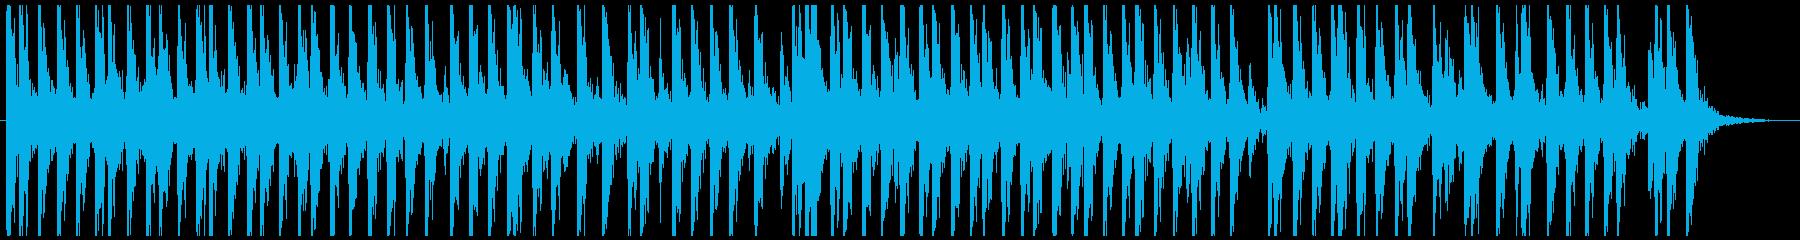 相撲の寄せ太鼓風SE その3の再生済みの波形